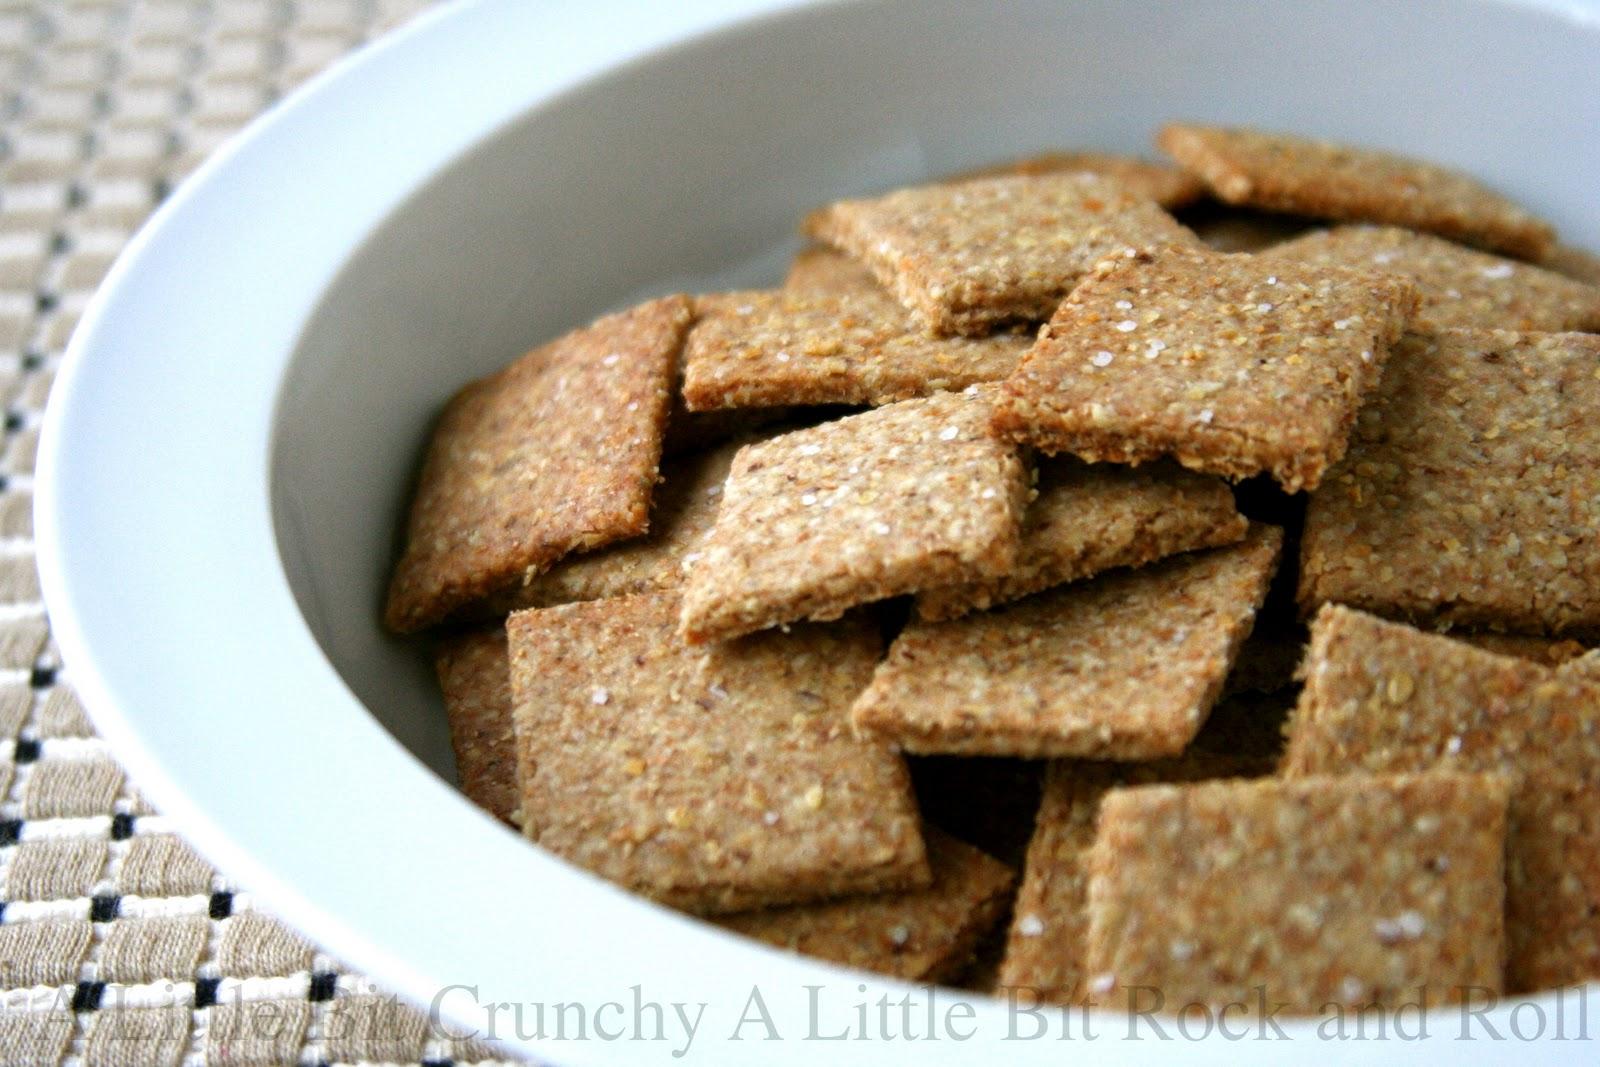 A Little Bit Crunchy A Little Bit Rock and Roll: Homemade Whole Grain Crackers